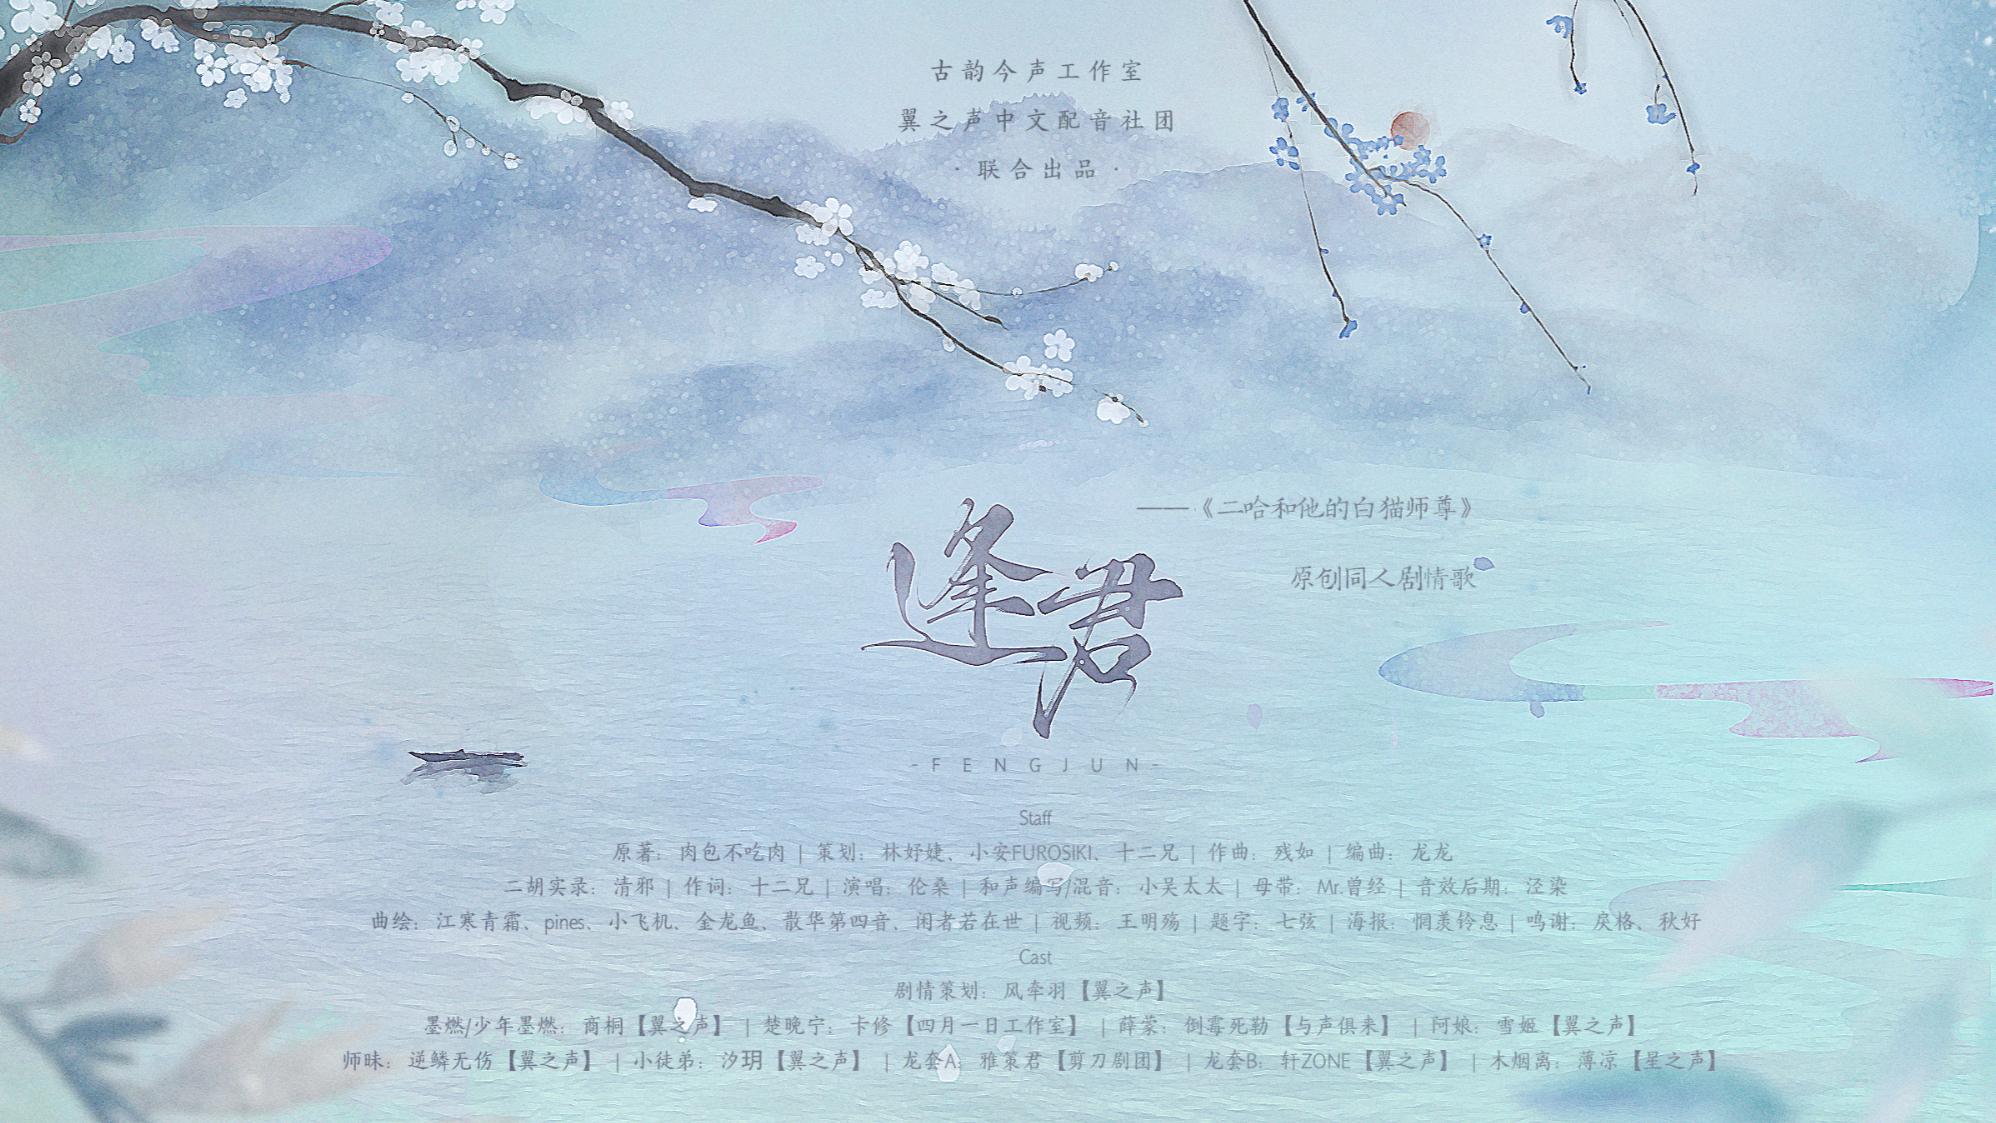 【伦桑】逢君——《二哈和他的白猫师尊》原创同人剧情歌(古韵今声&翼之声联合出品)